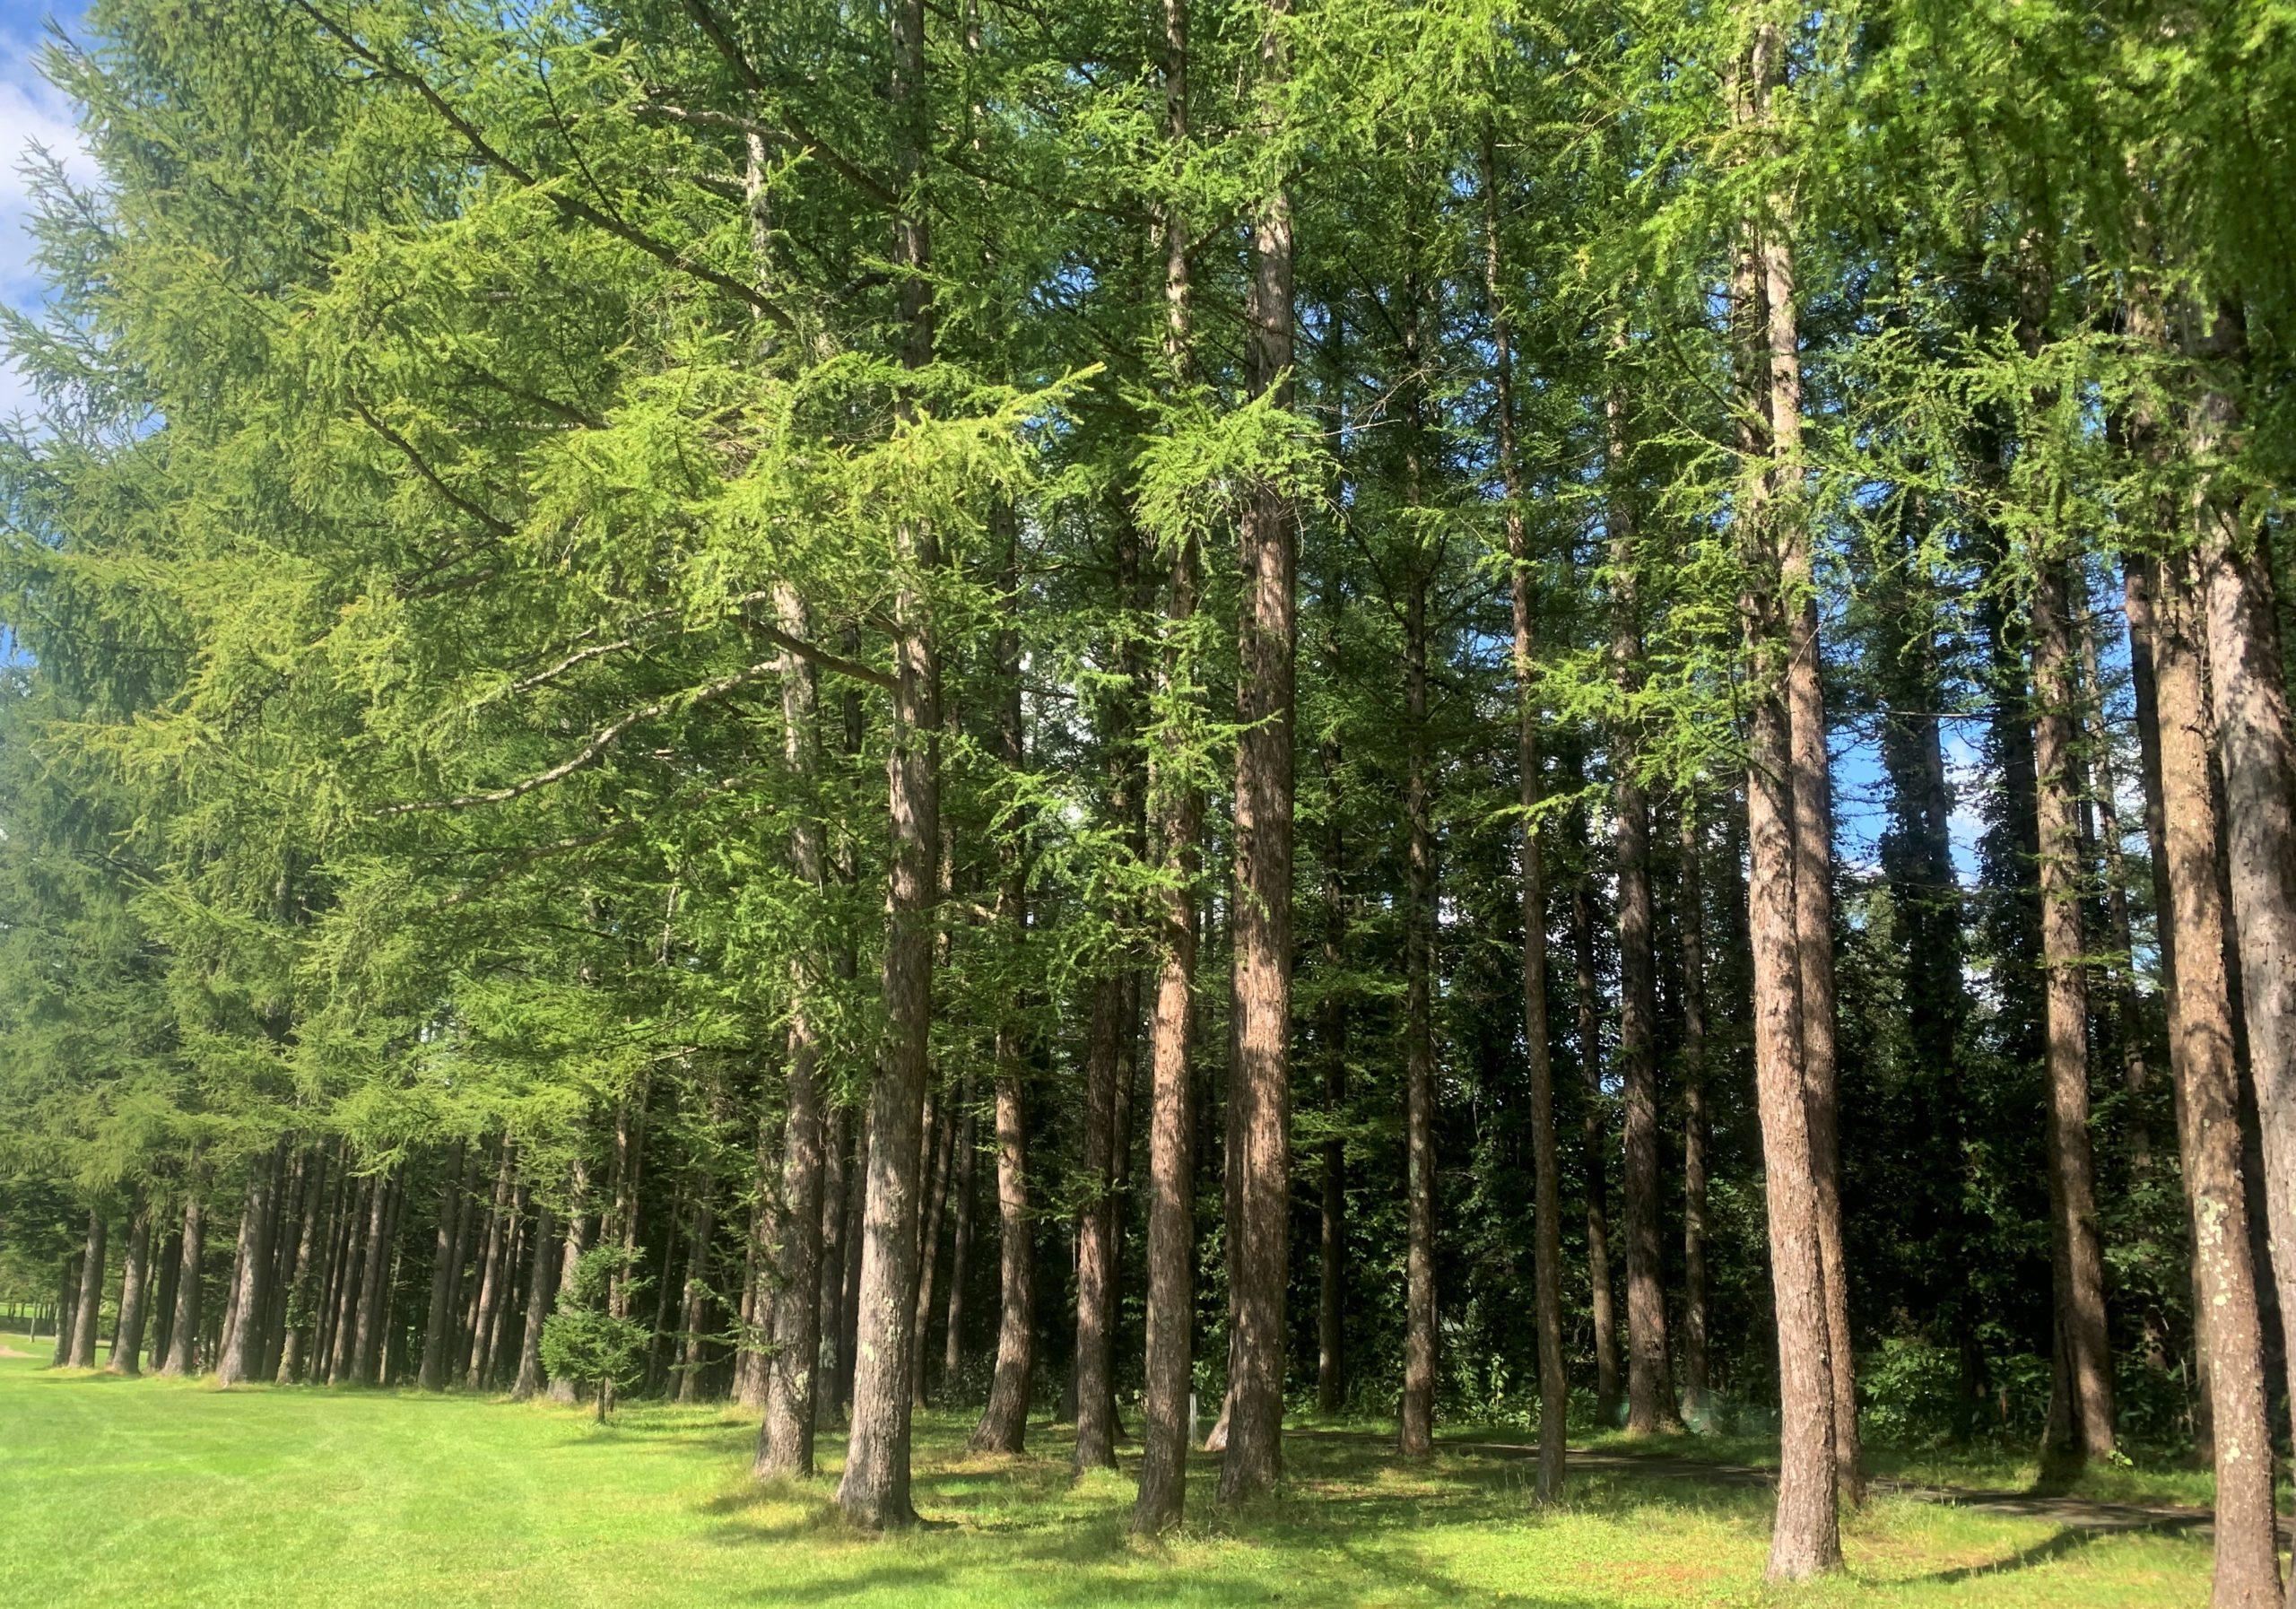 北海道では、カラマツ、トドマツ、エゾマツなどが代表的な針葉樹